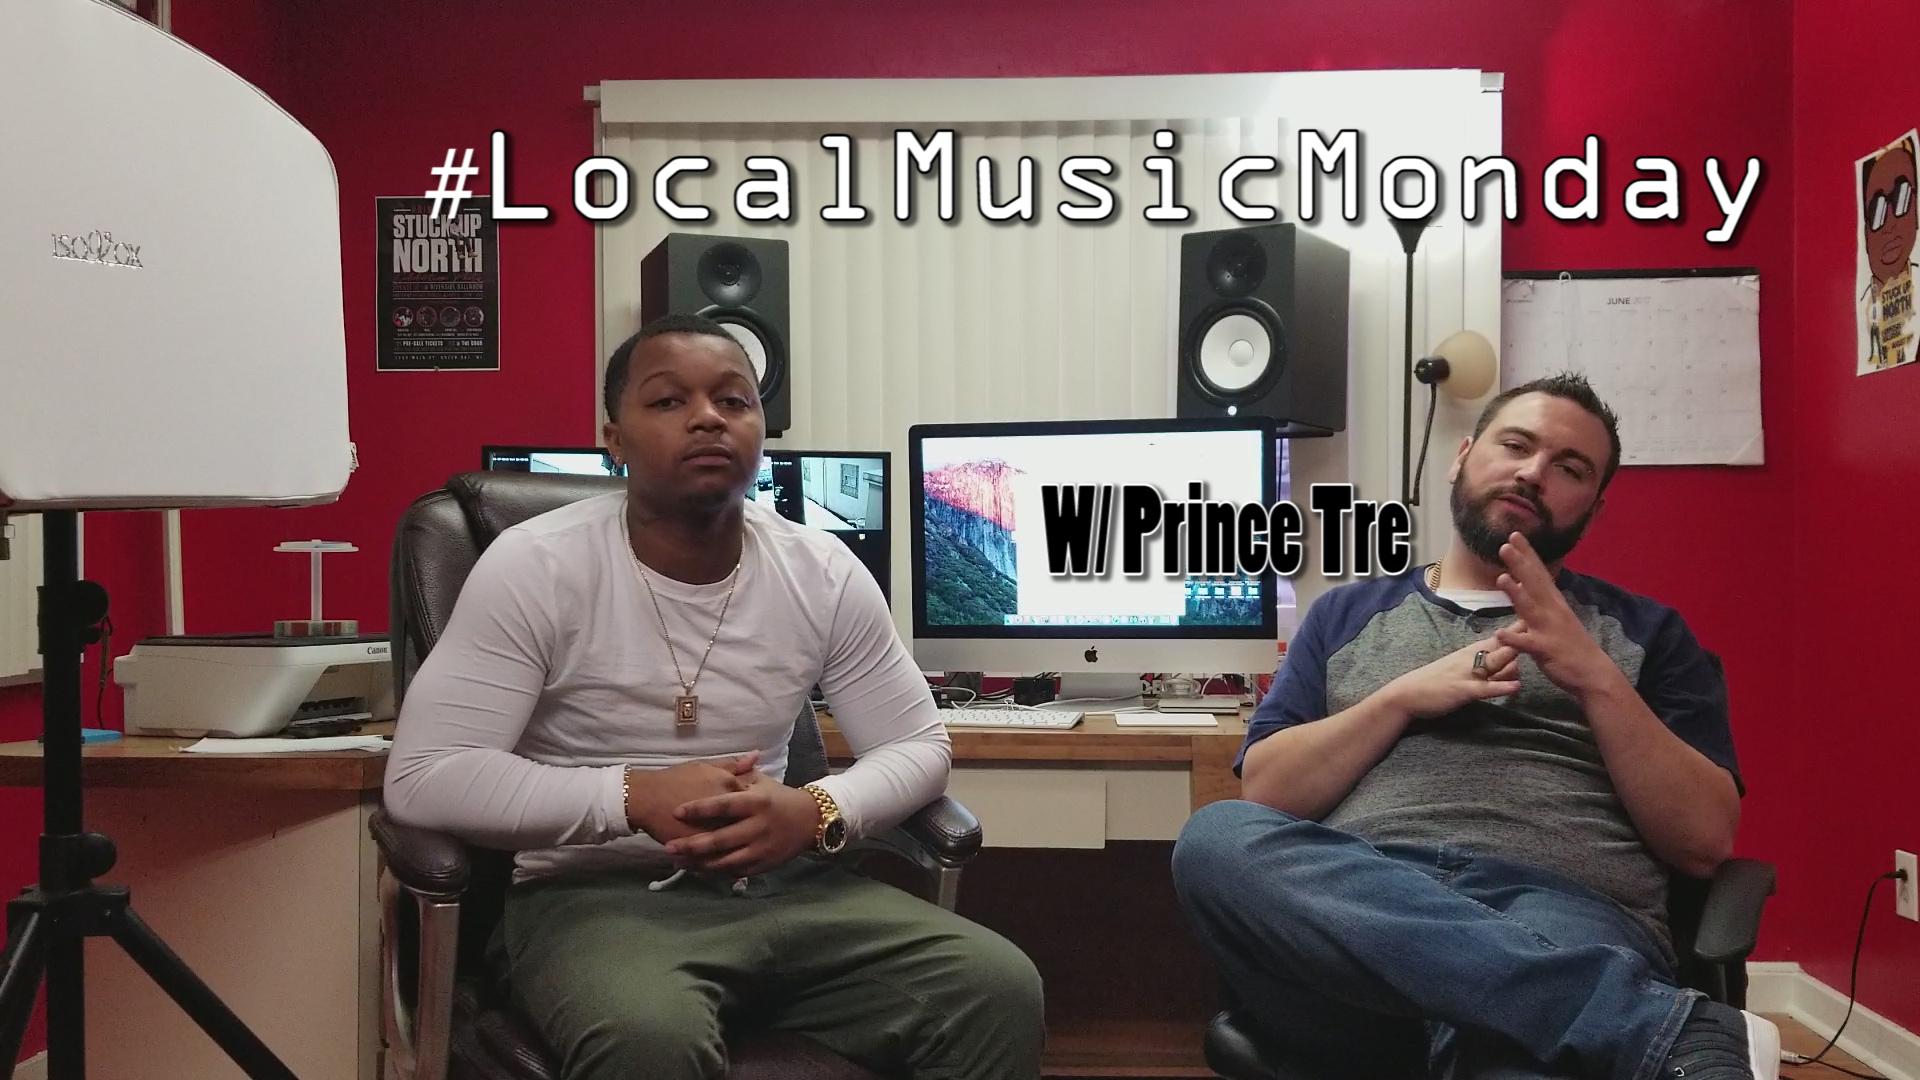 #LocalMusicMonday - Prince Tre